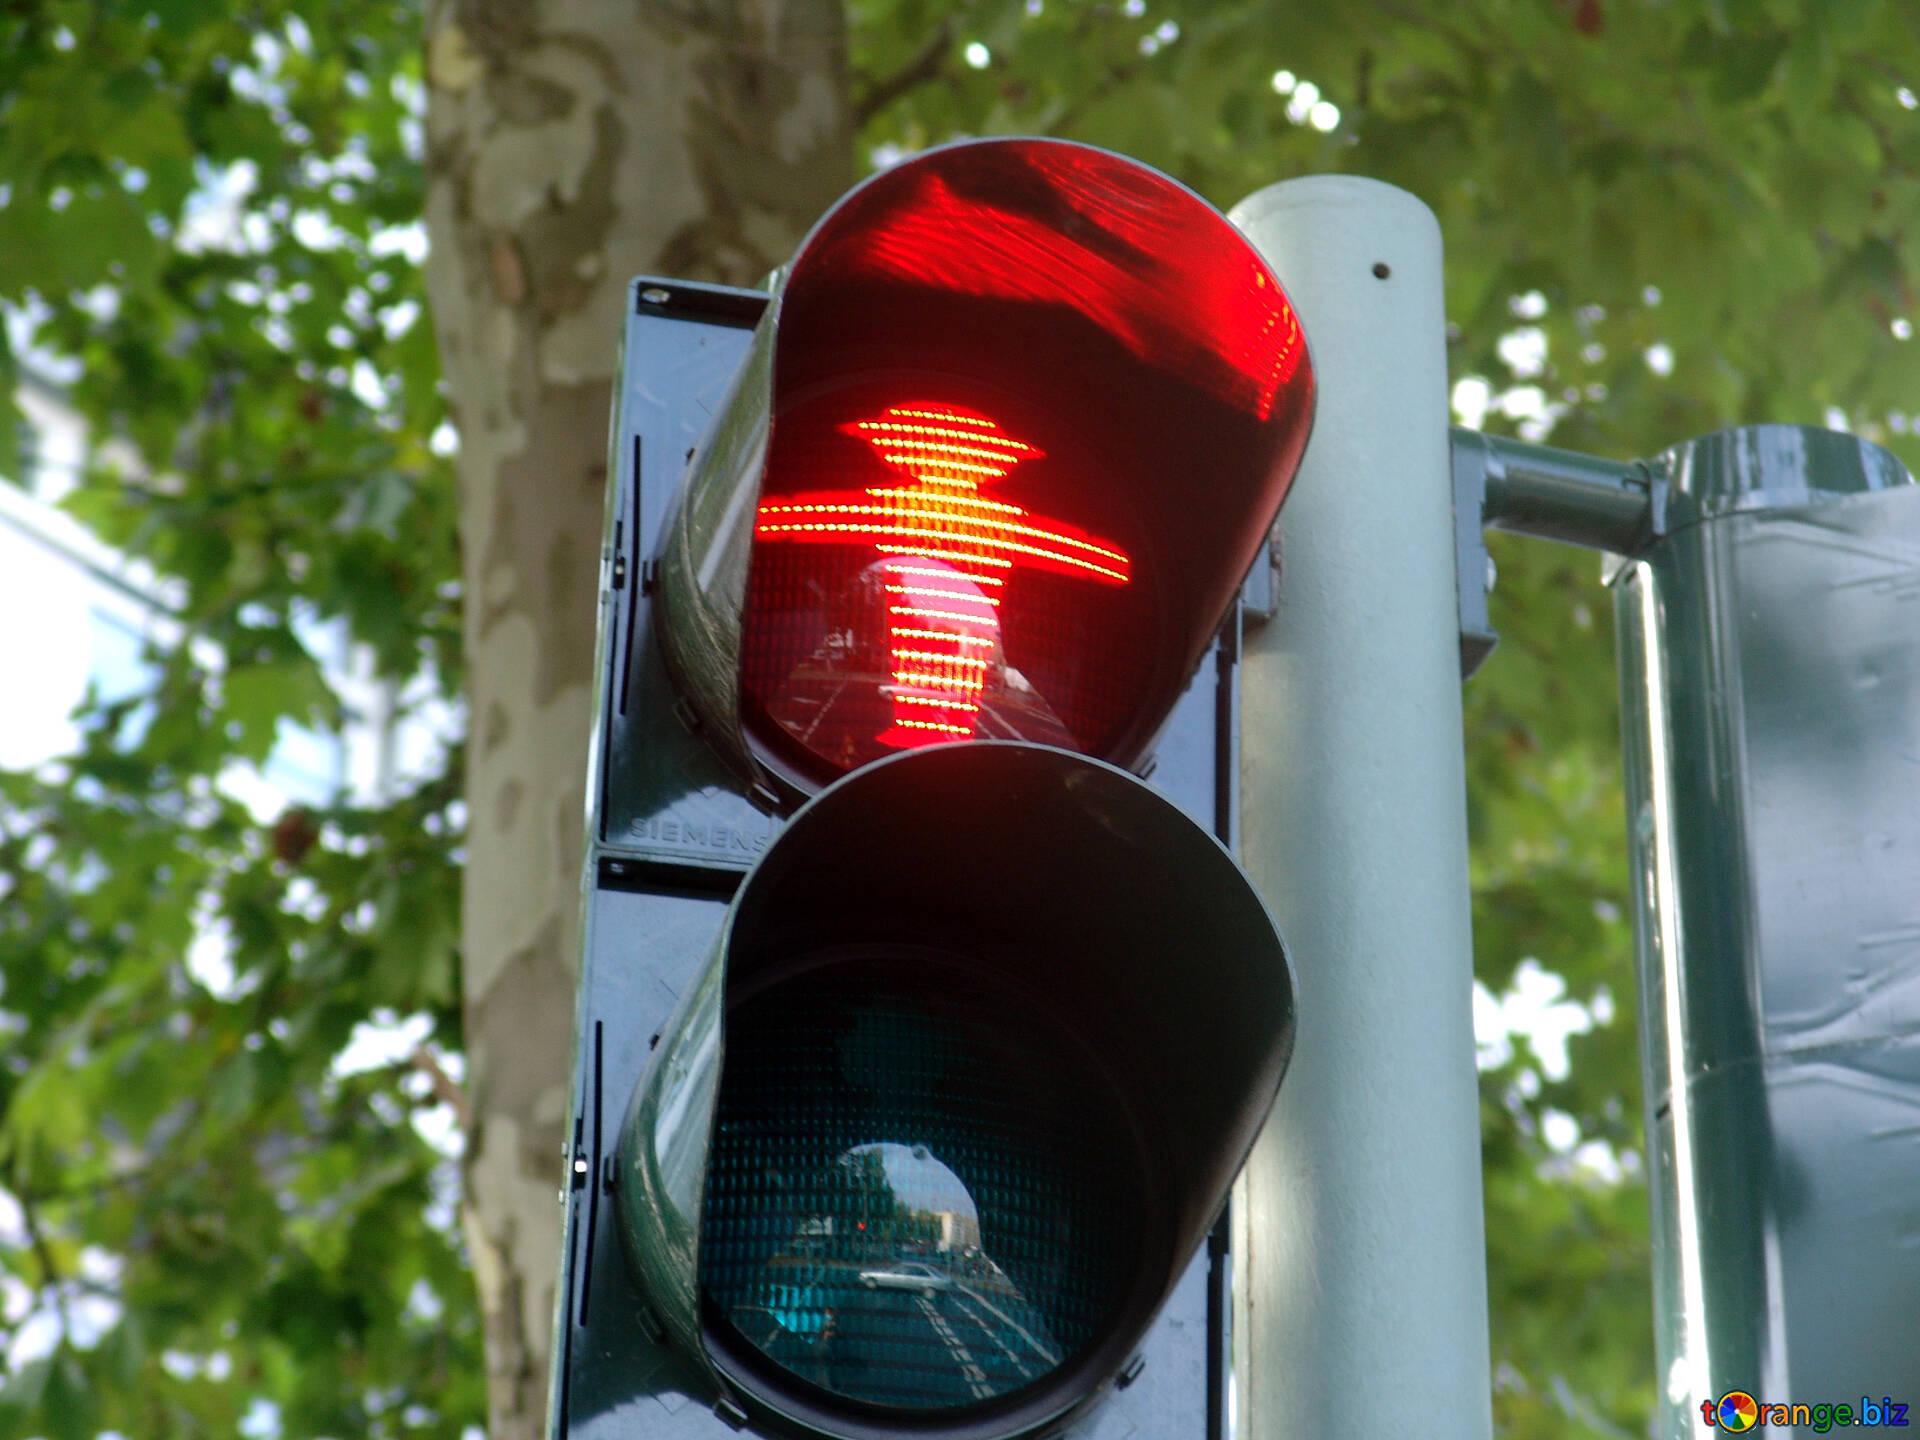 Berlin Traffic Lights Red Traffic Light For Pedestrians Traffic Light 11721